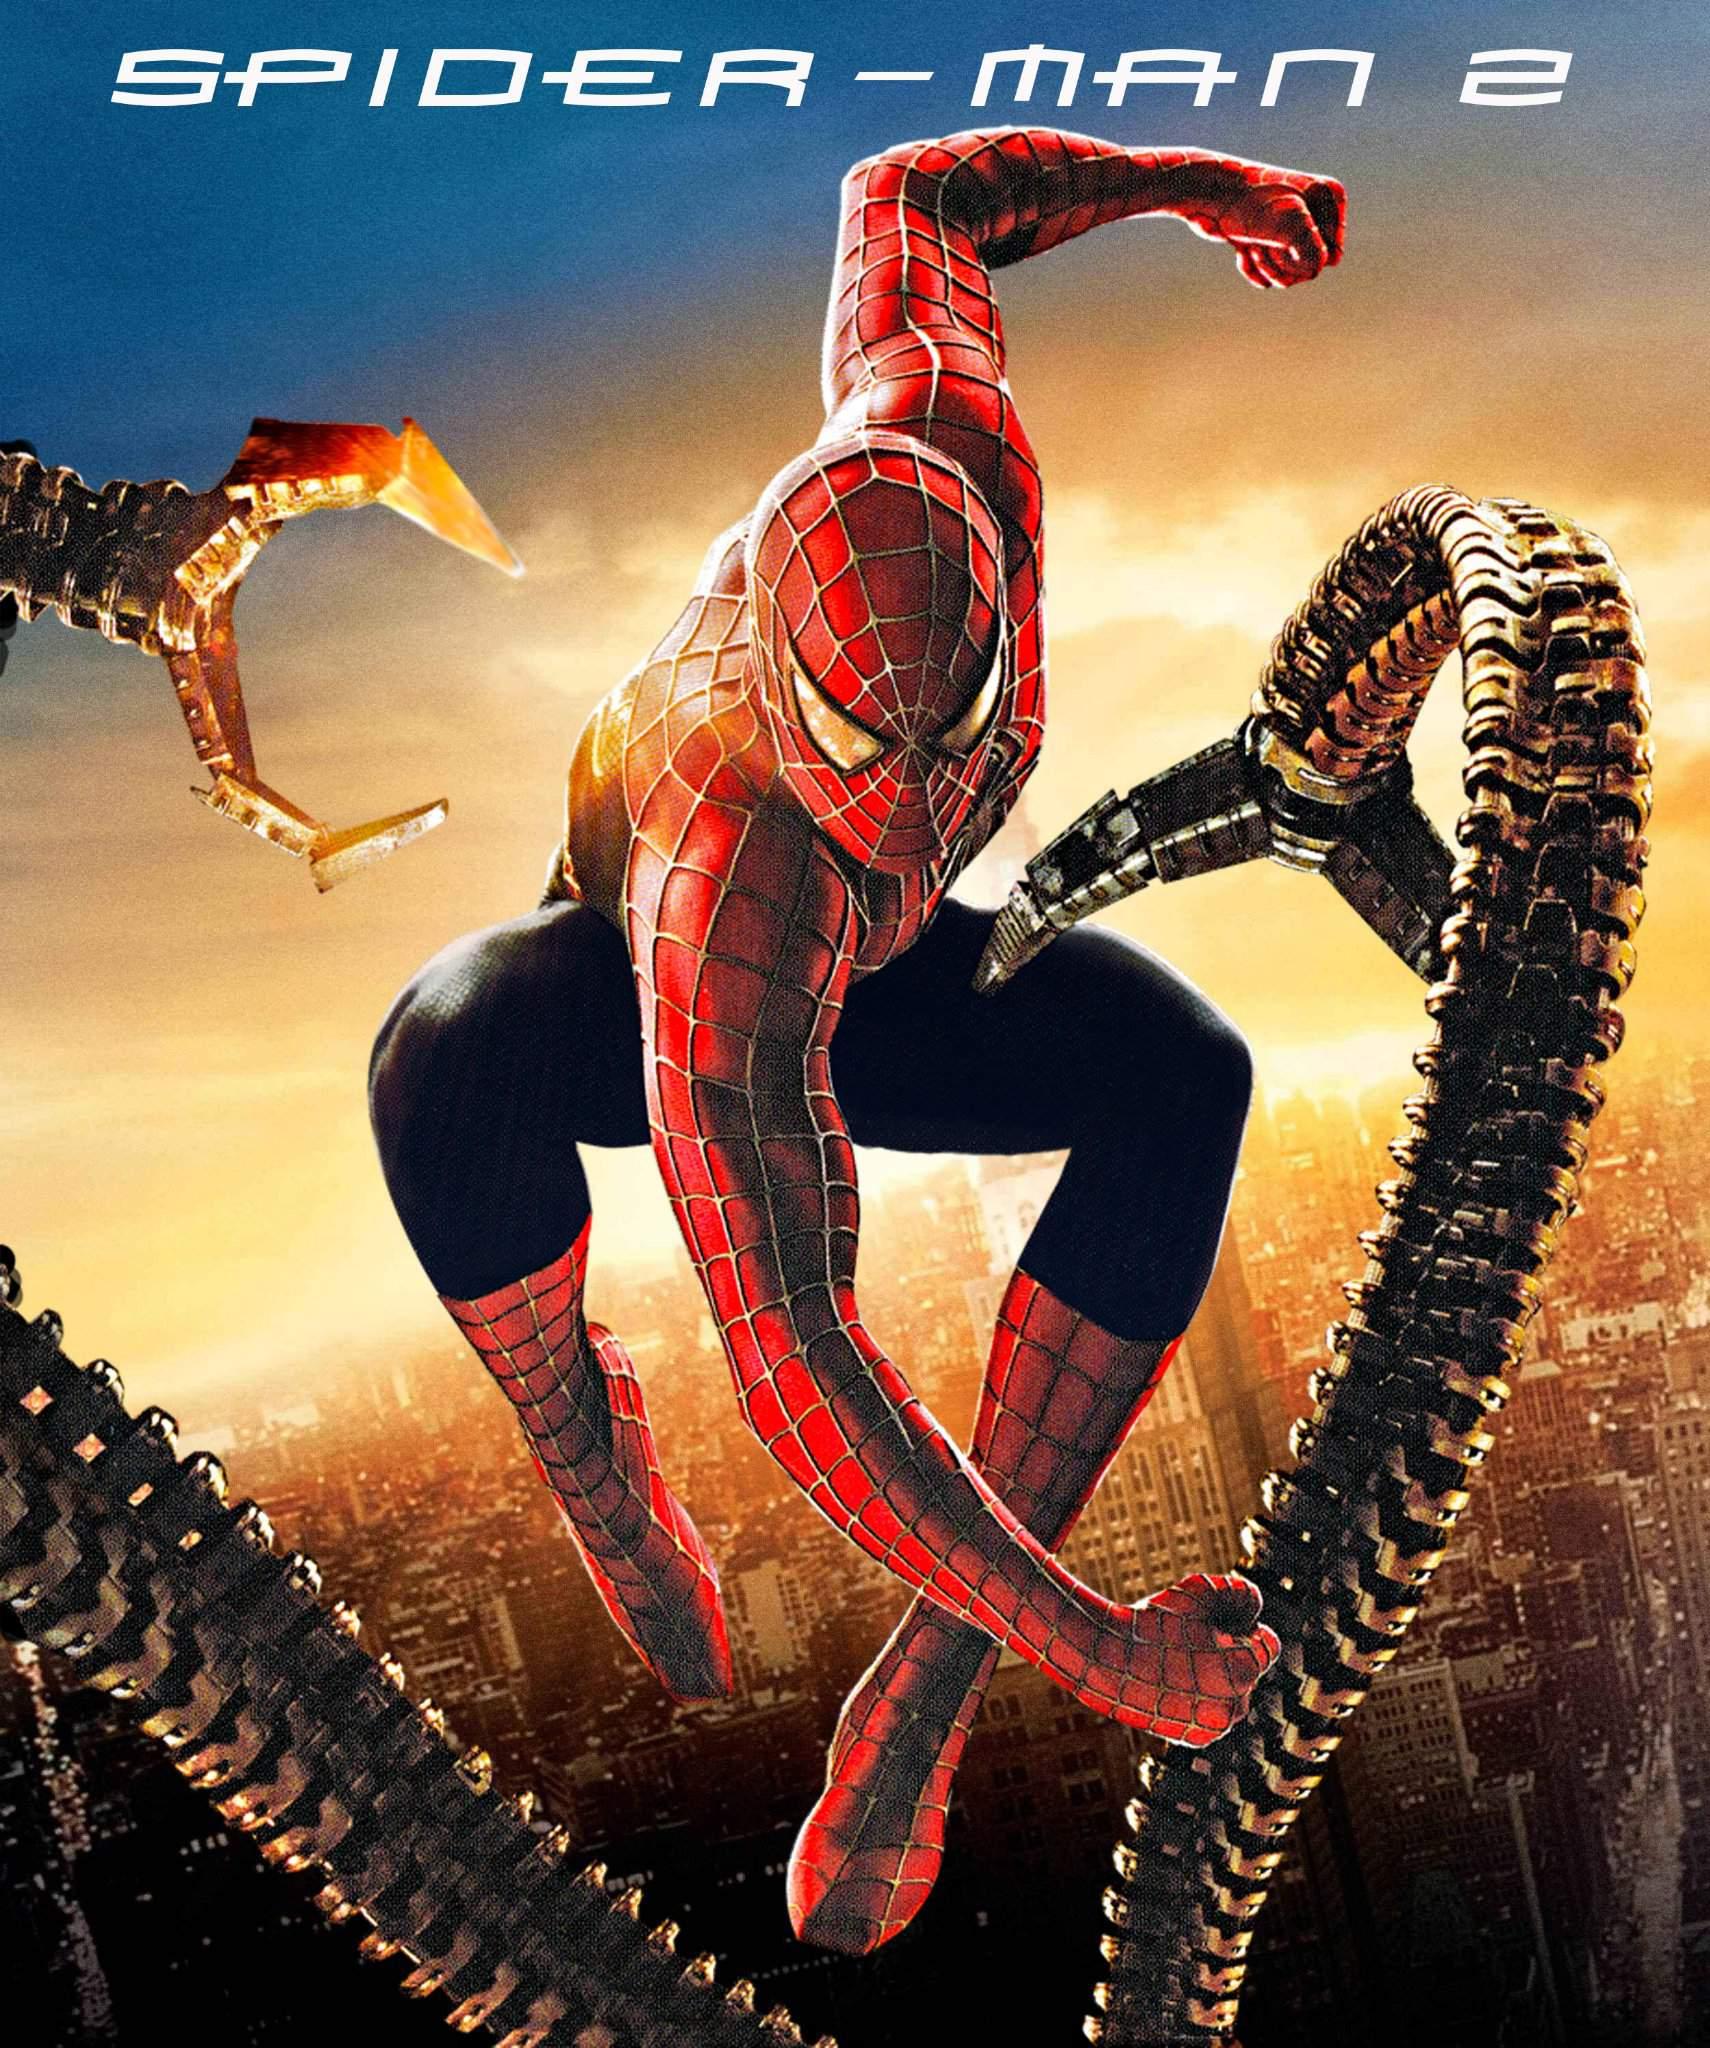 Spider-Man 2 - oryginalny plakat